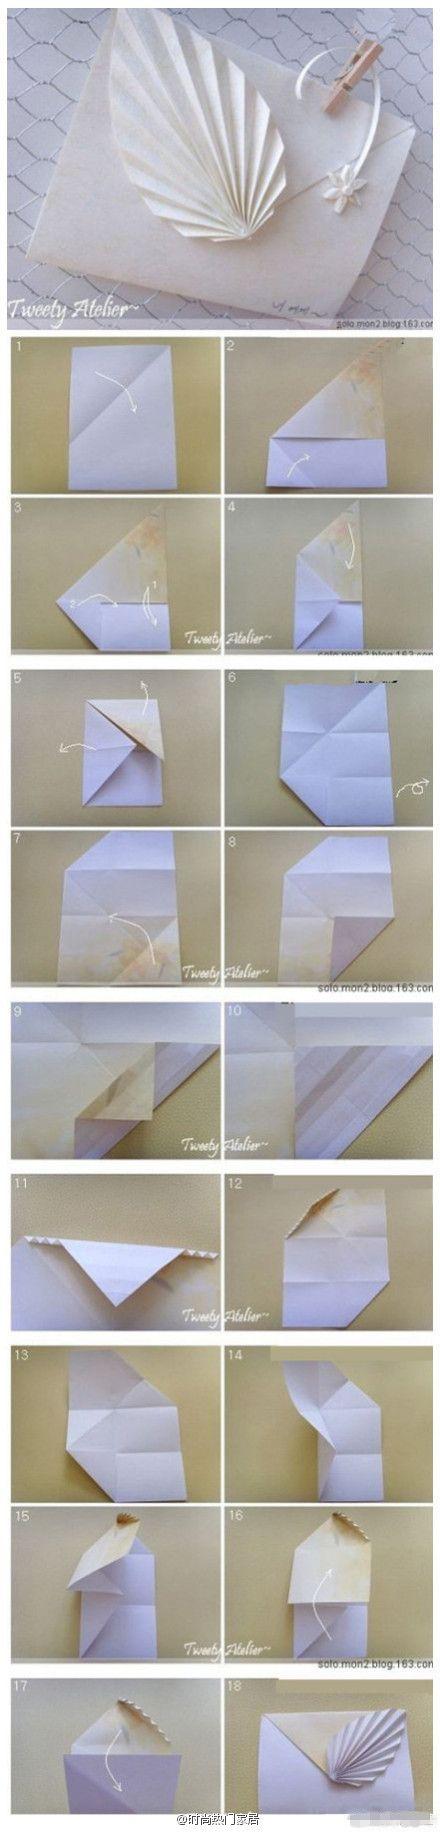 Envelope origami tutorial leaves